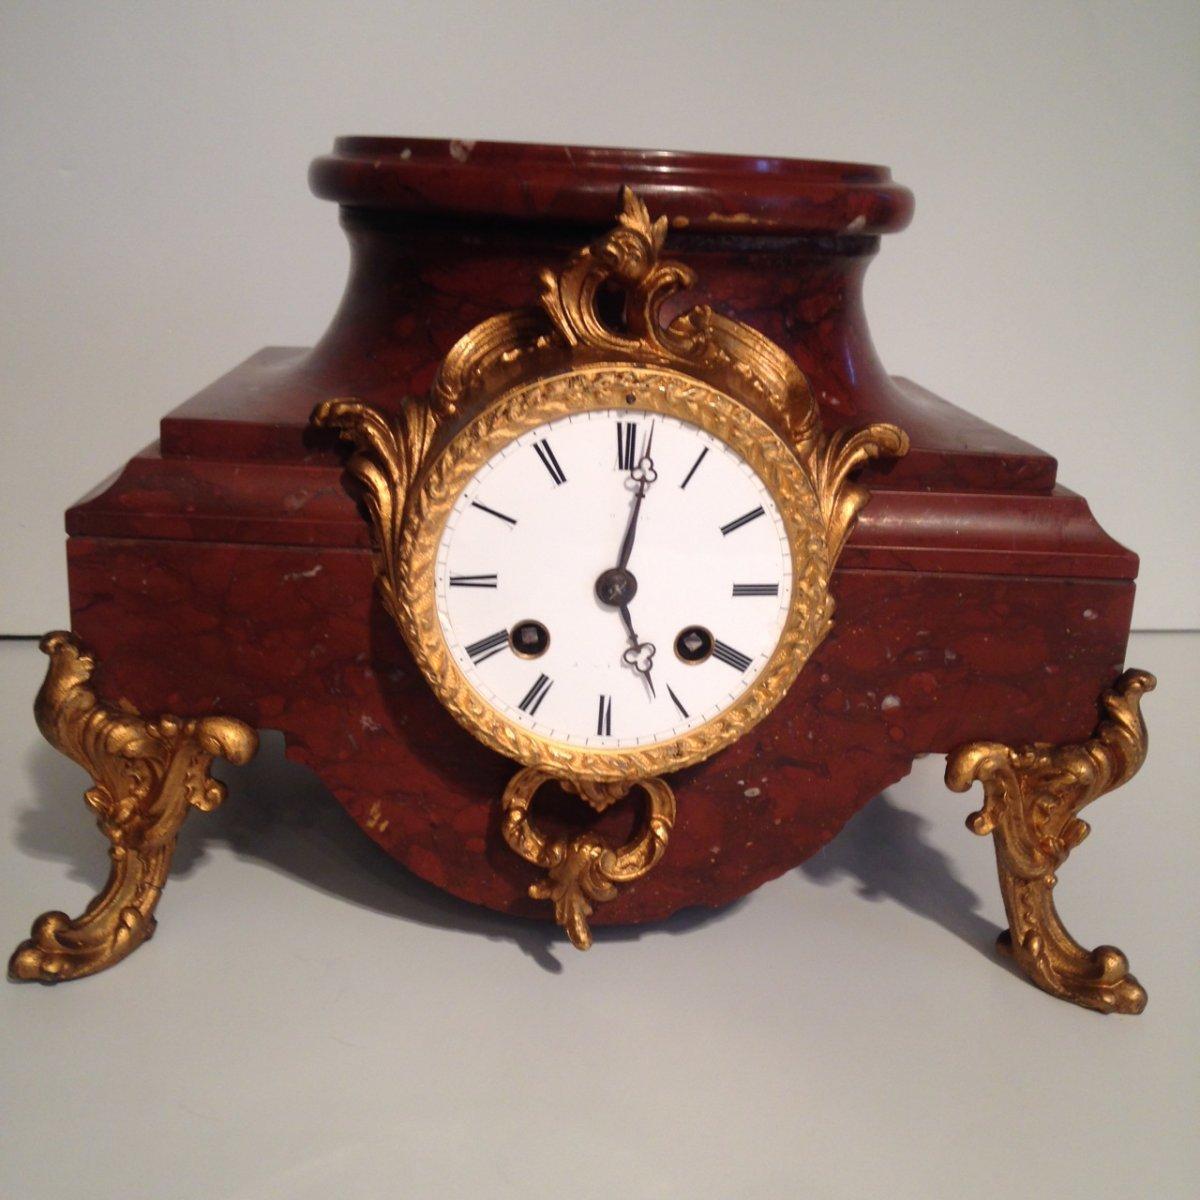 Horloge de Présentation style Louis XV, XIXe